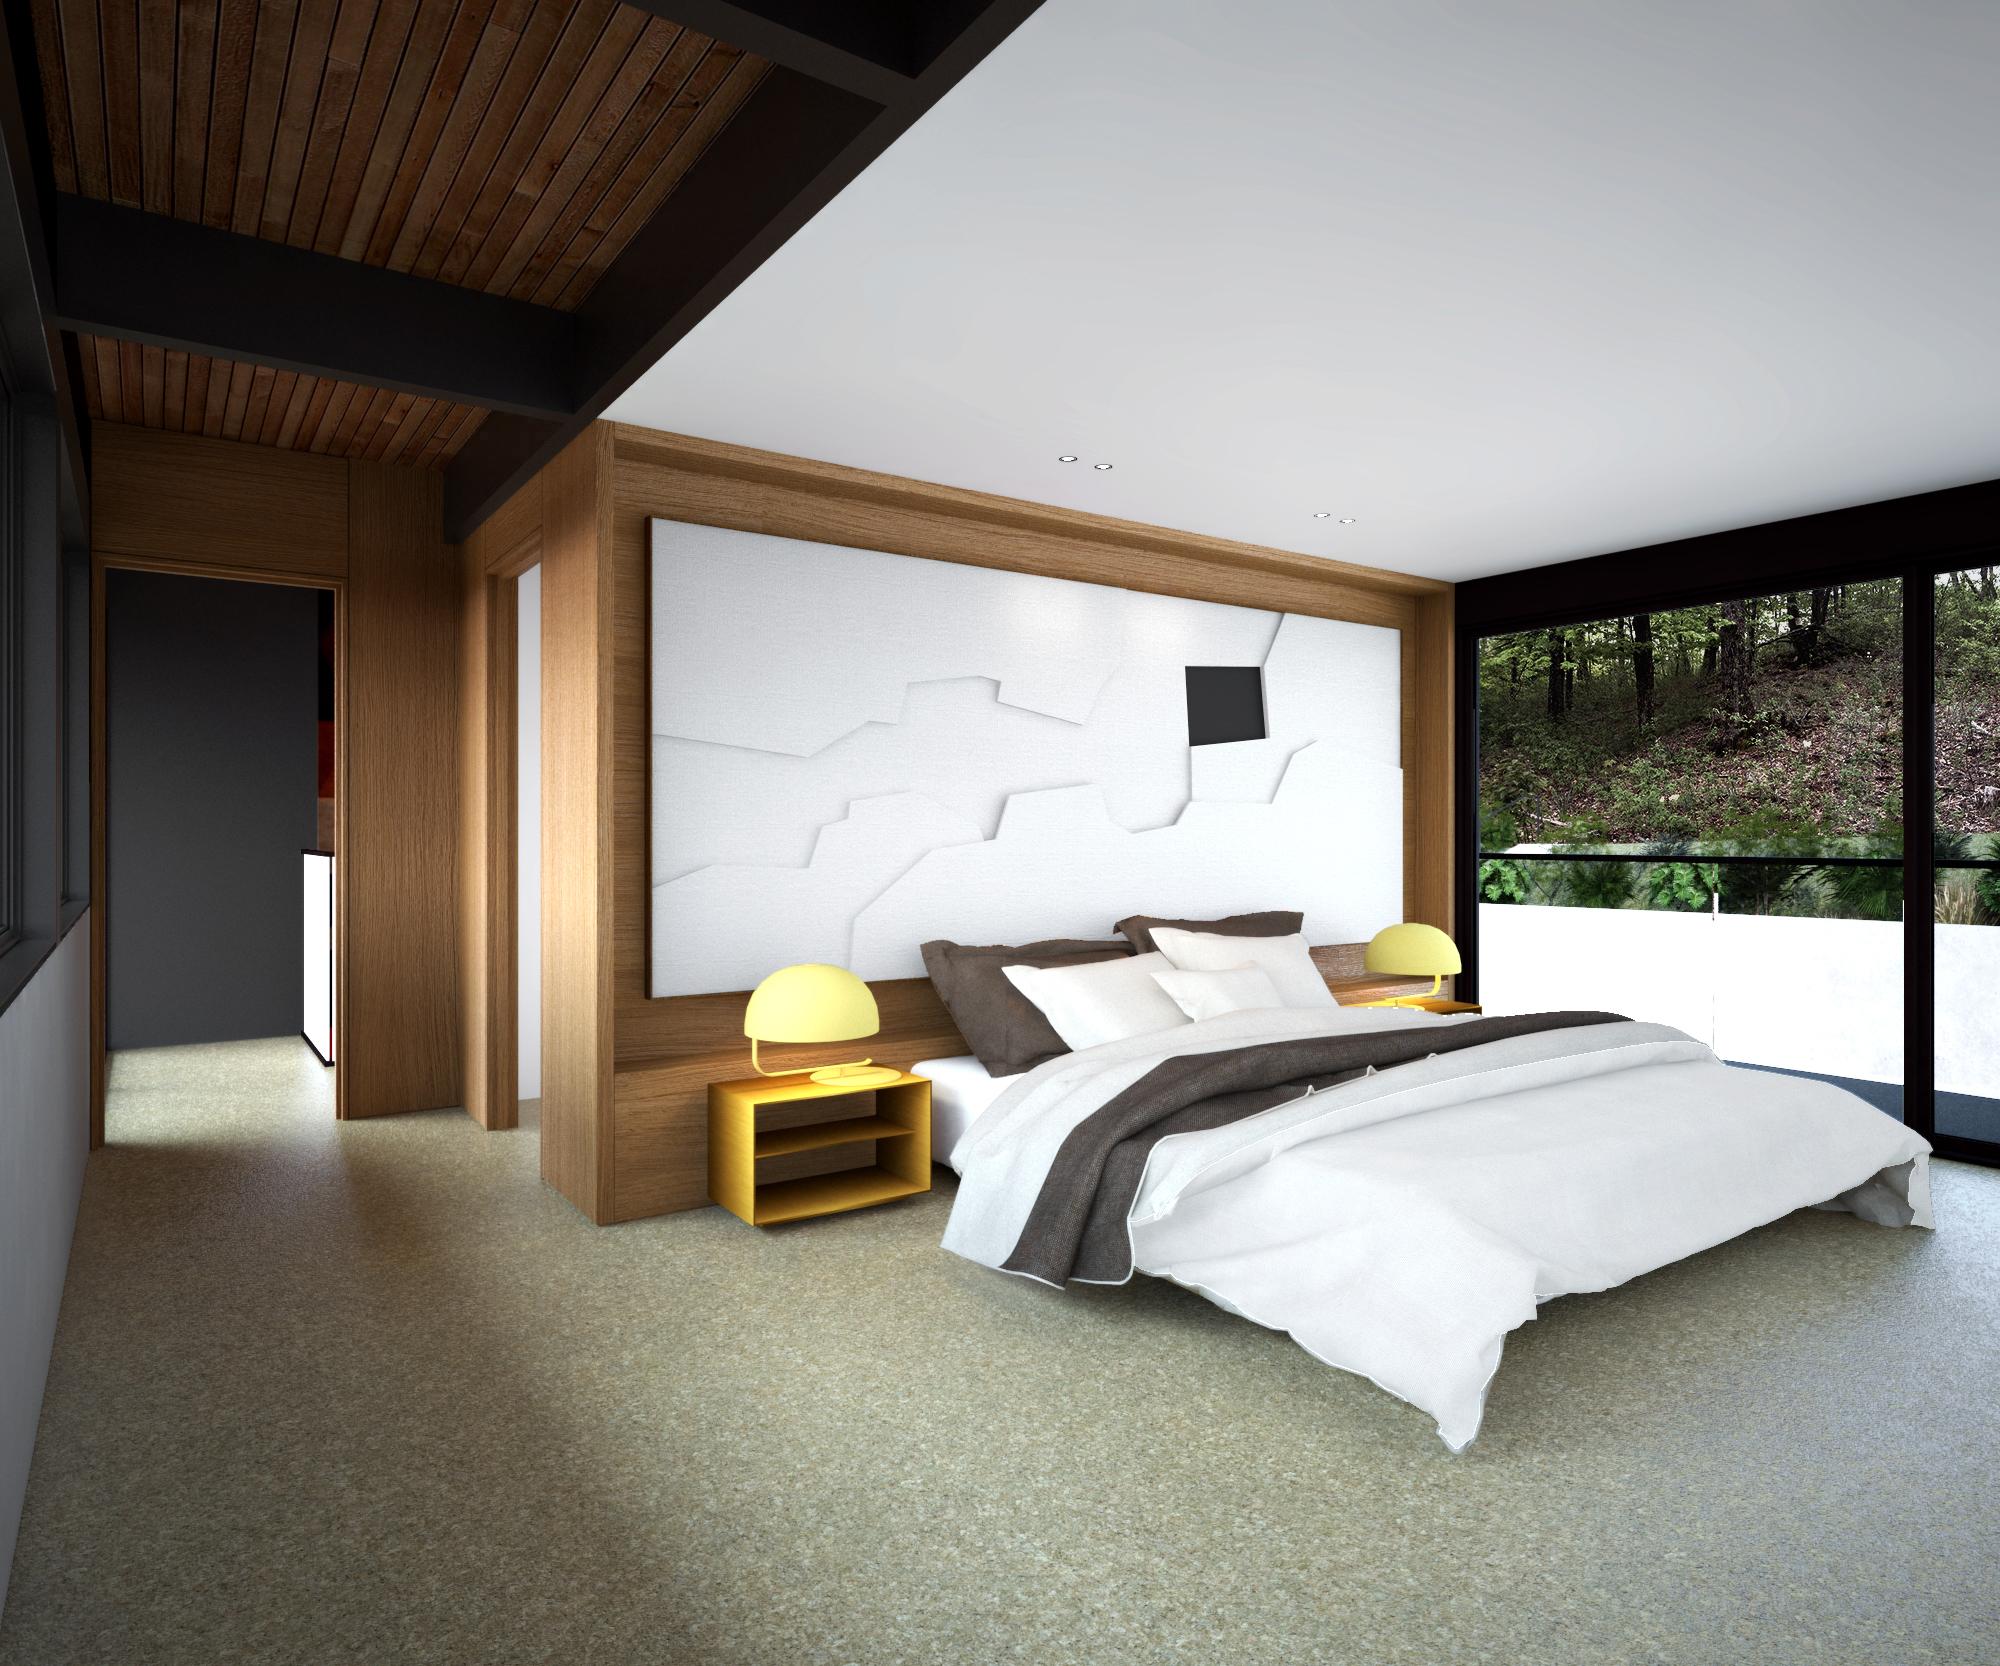 HN_170421_Bedroom 1.jpg